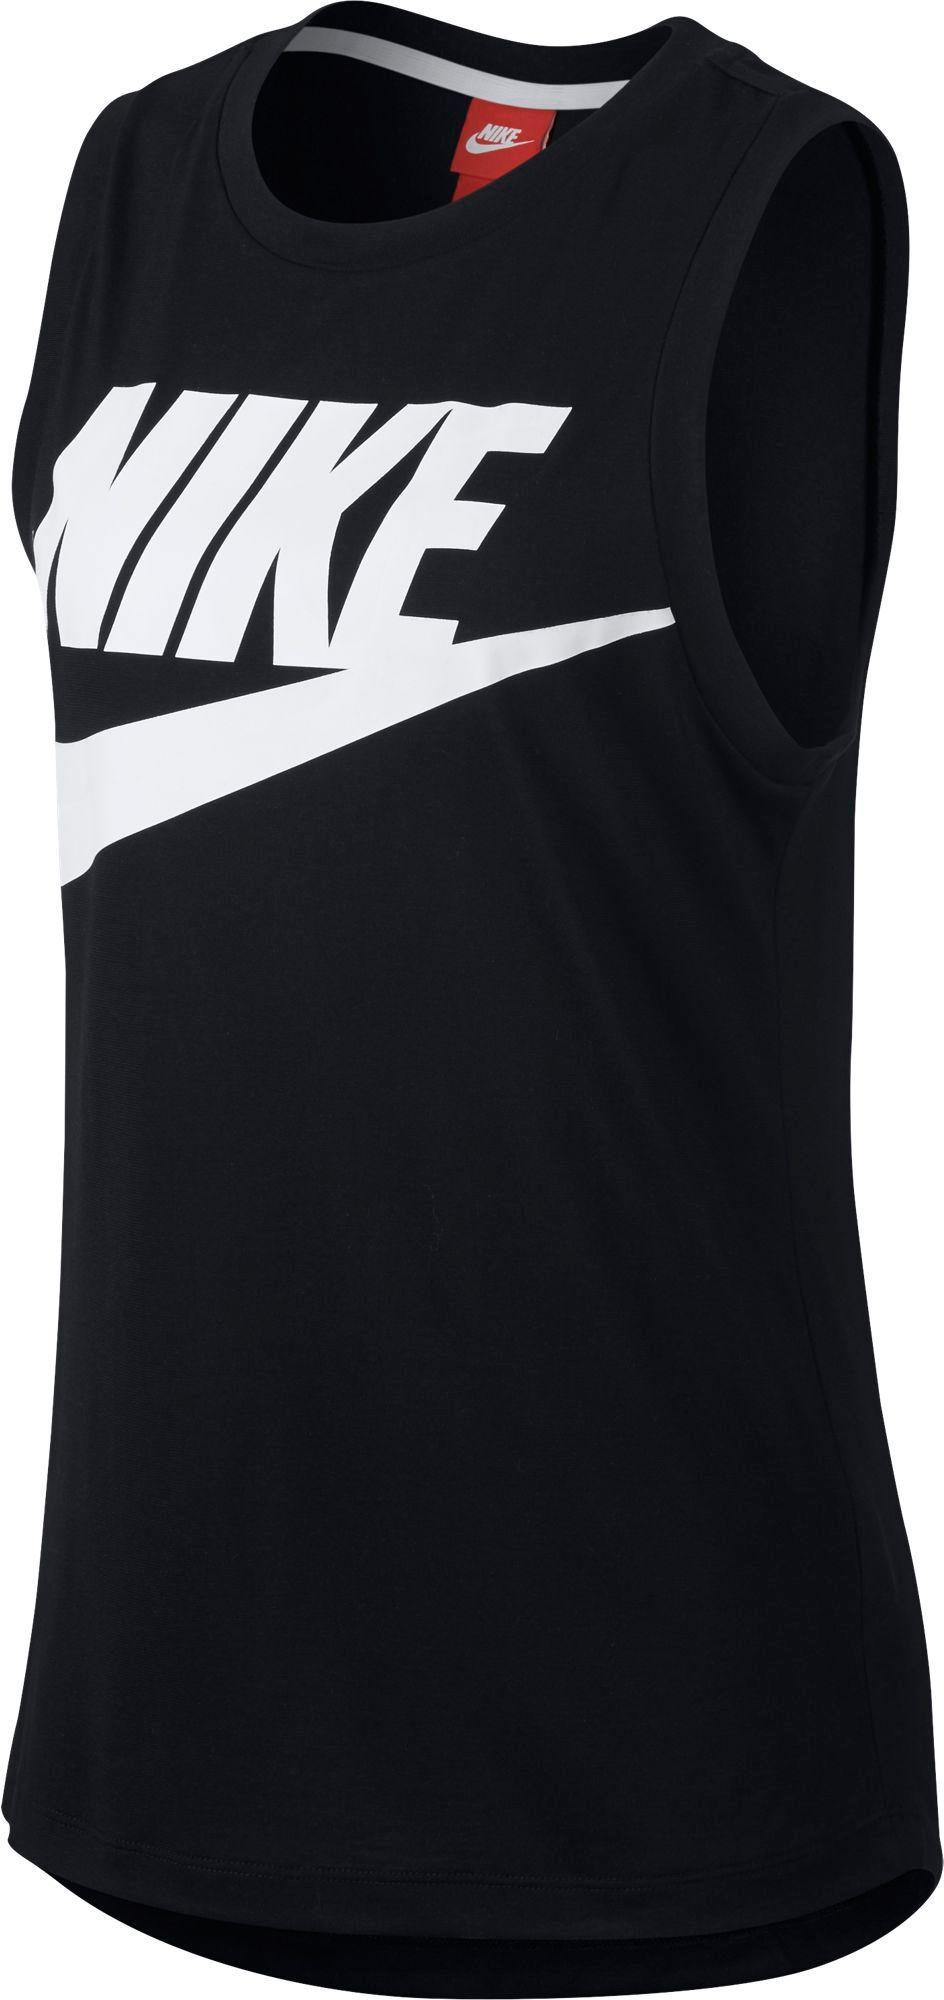 c18c11bd277 Nike Women's Sportswear Essential Tank Top | Products | Nike women ...